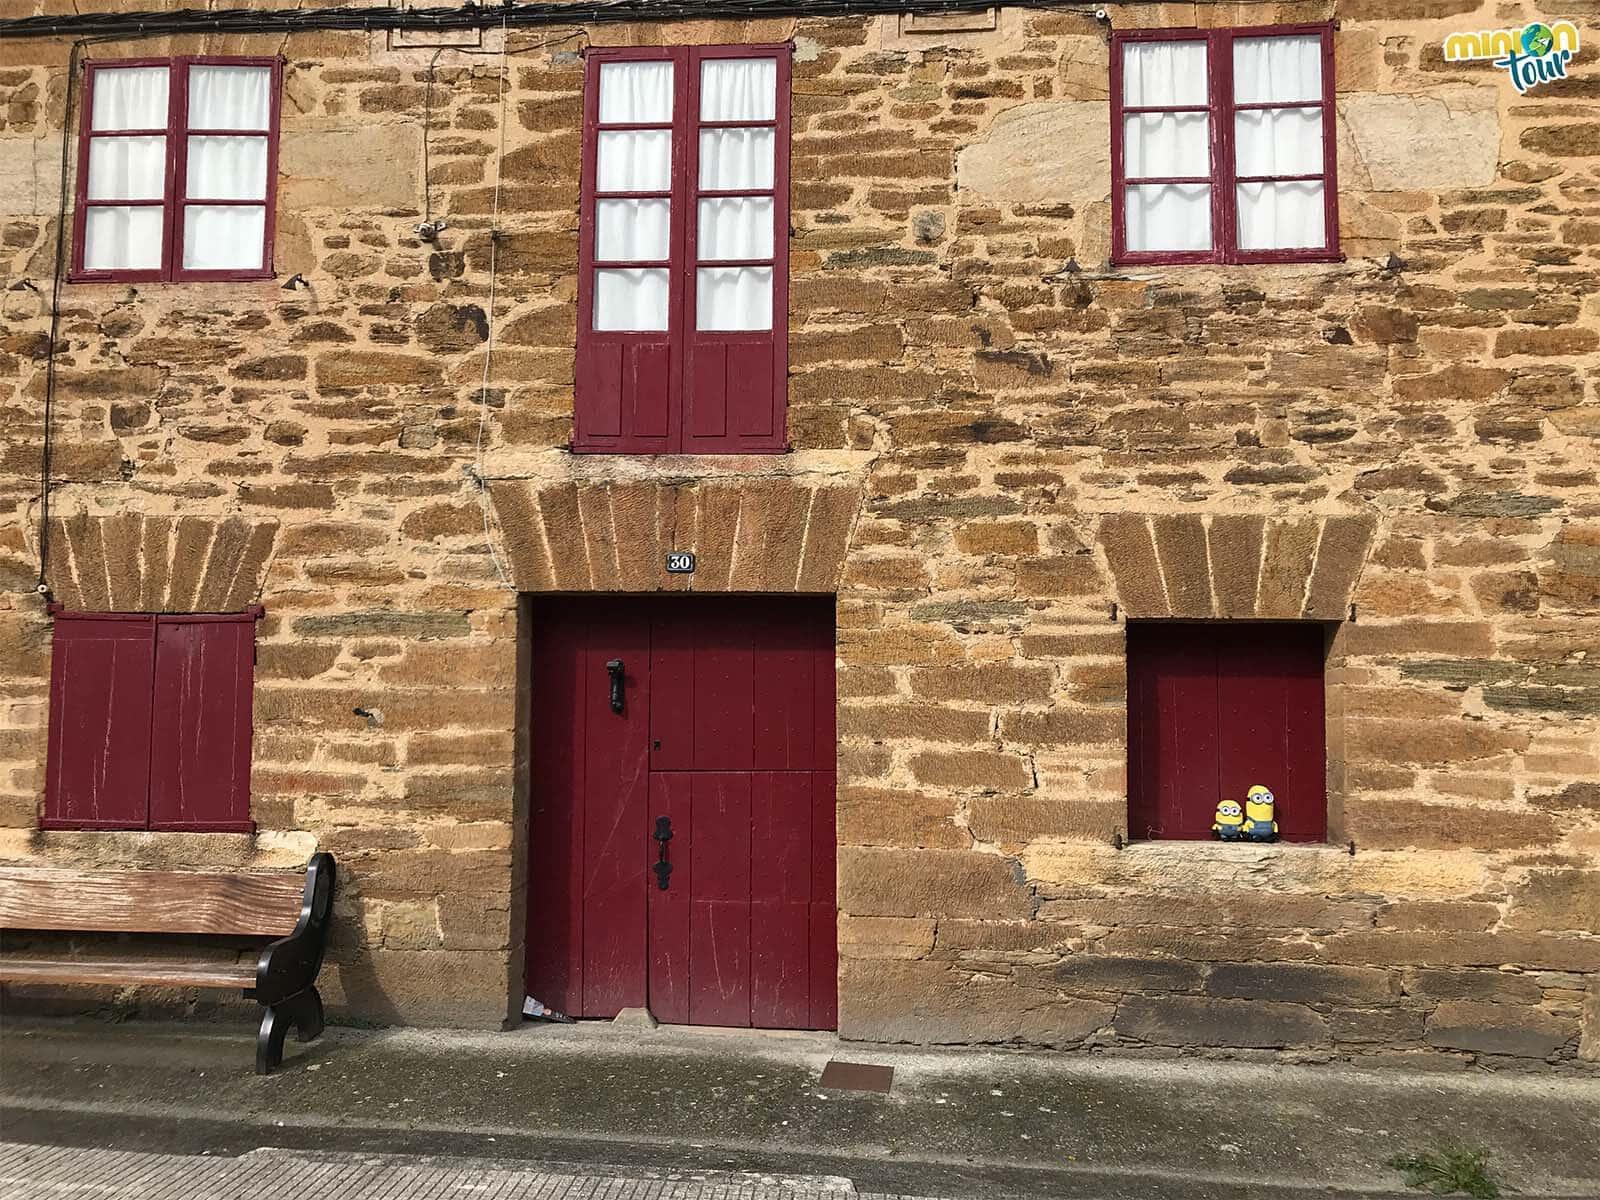 Esta casita con las ventanitas rojas es de lo más cuqui